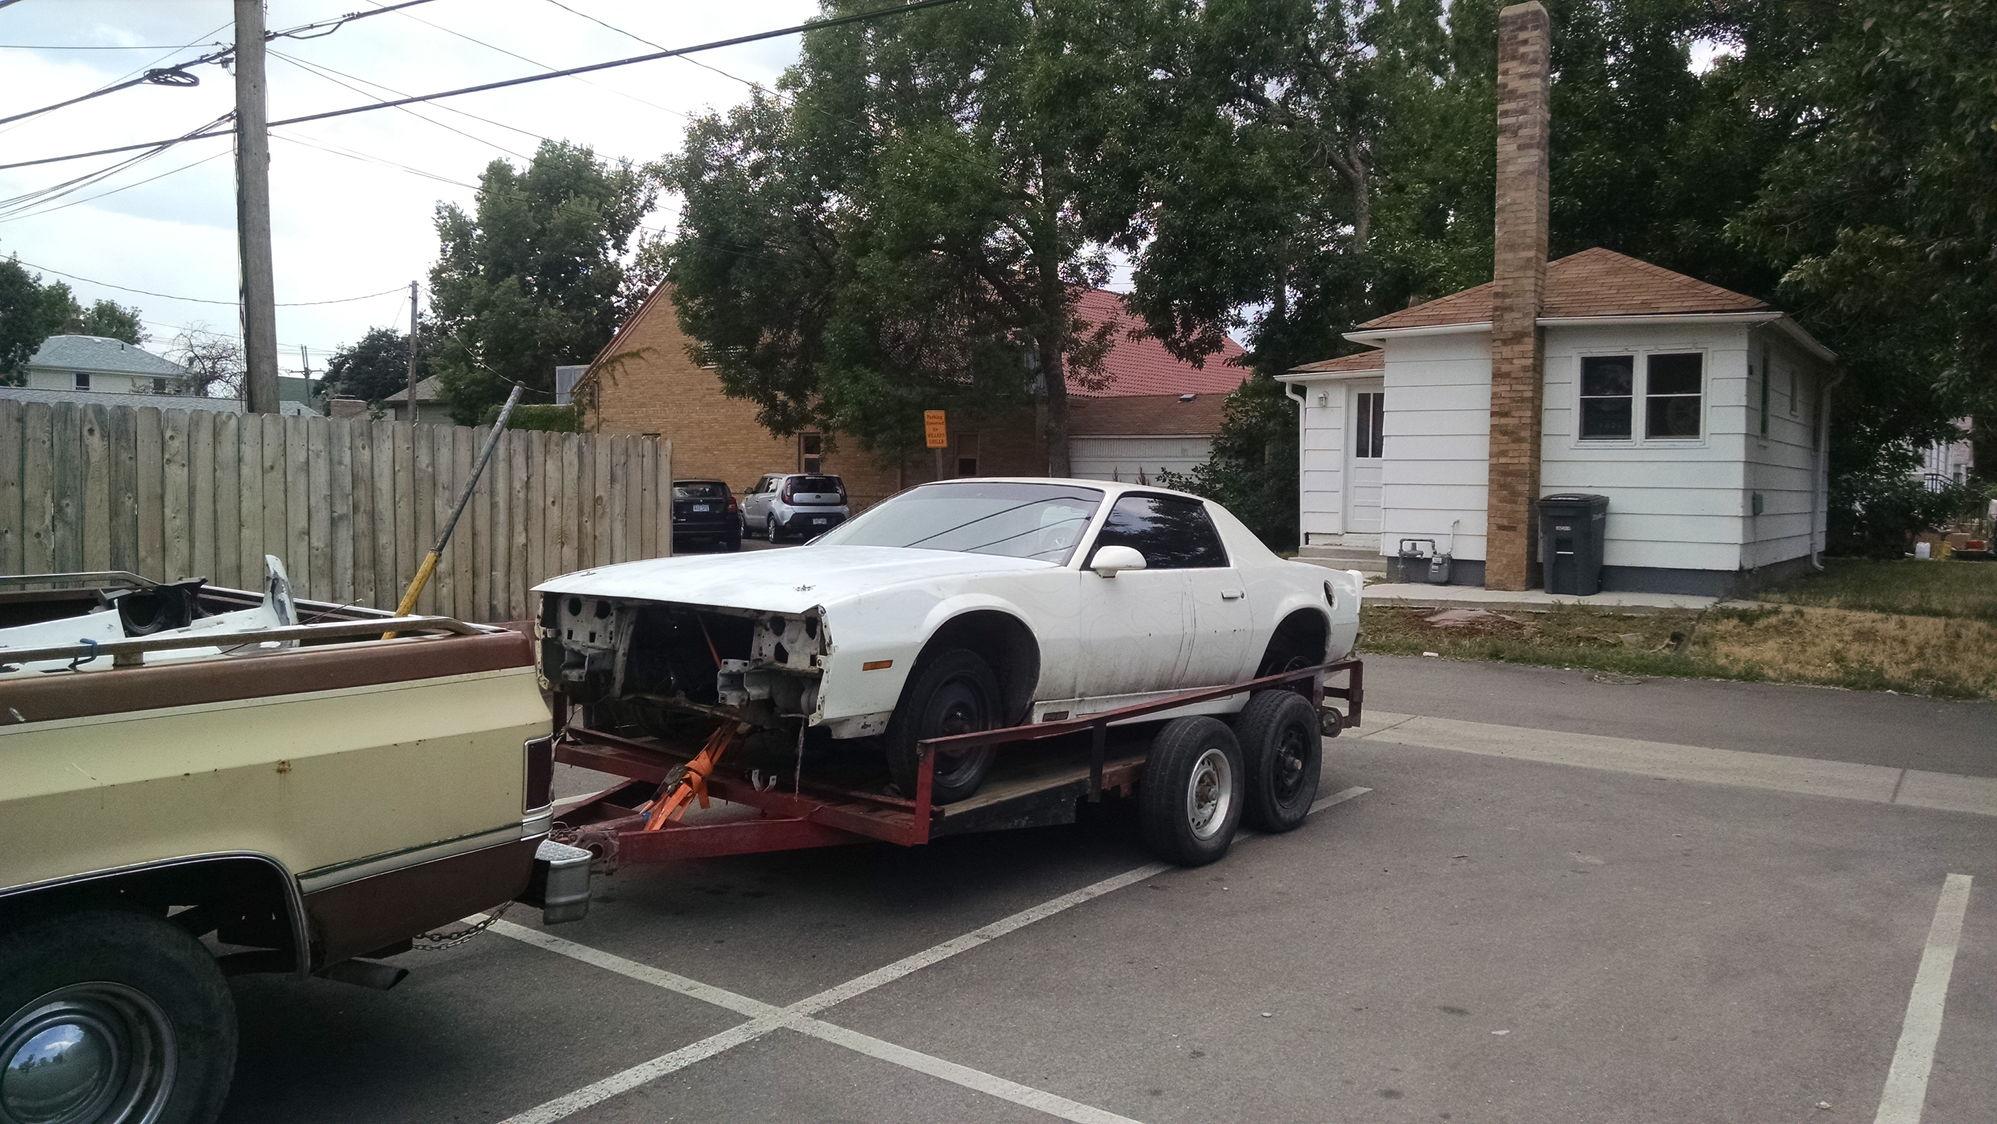 91 Cadillac Deville Fuse Box Get Free Image About Allante Diagram Eldorado